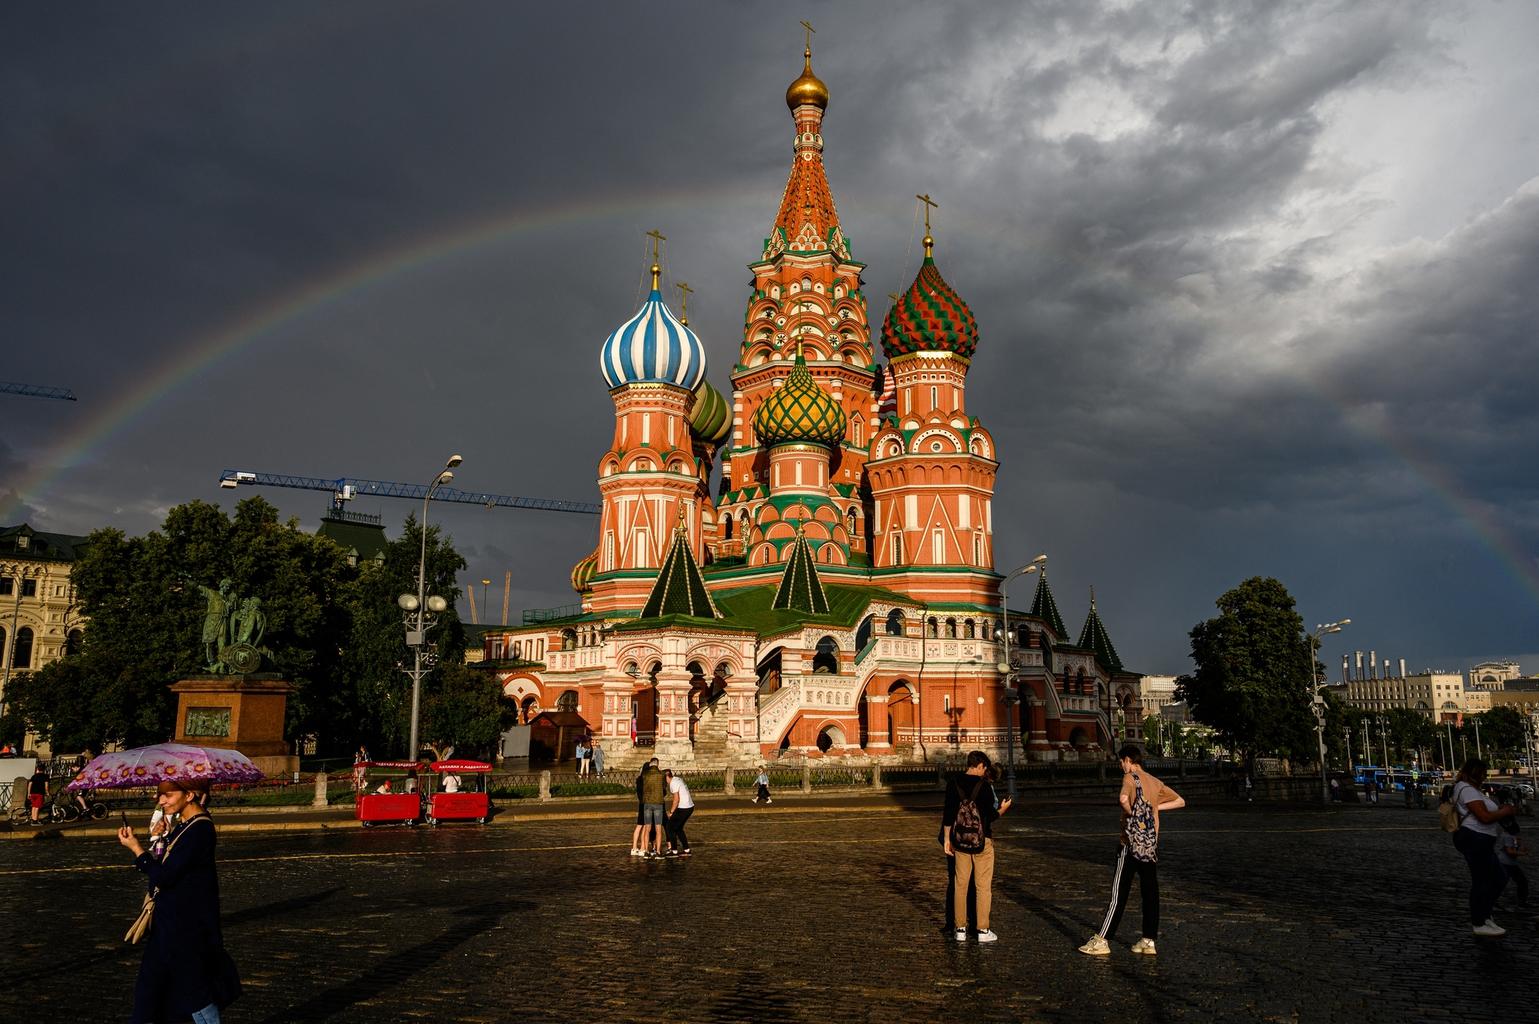 """""""Szintén a legendáriumot erősíti, hogy a székesegyházra a pénzt maga Boldog Vazul gyűjtötte össze, és halála előtt nem sokkal adta azt át Rettegett Ivánnak"""" #moszkvater"""